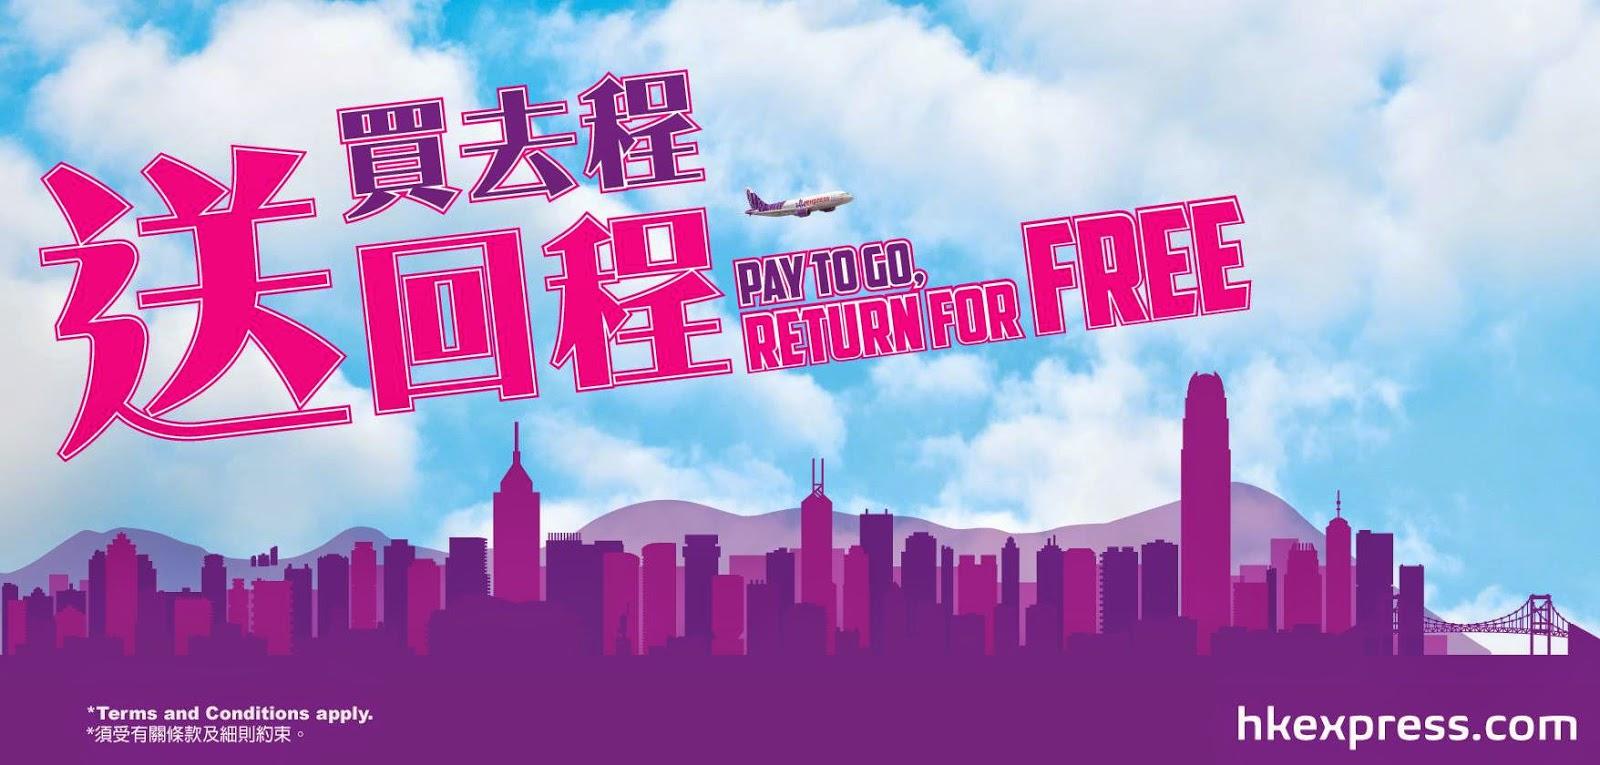 HK Express今晚(4月14日)零晨12點【買去程送回程】,韓國$290起、日l本$390起、泰國/台灣$160起。